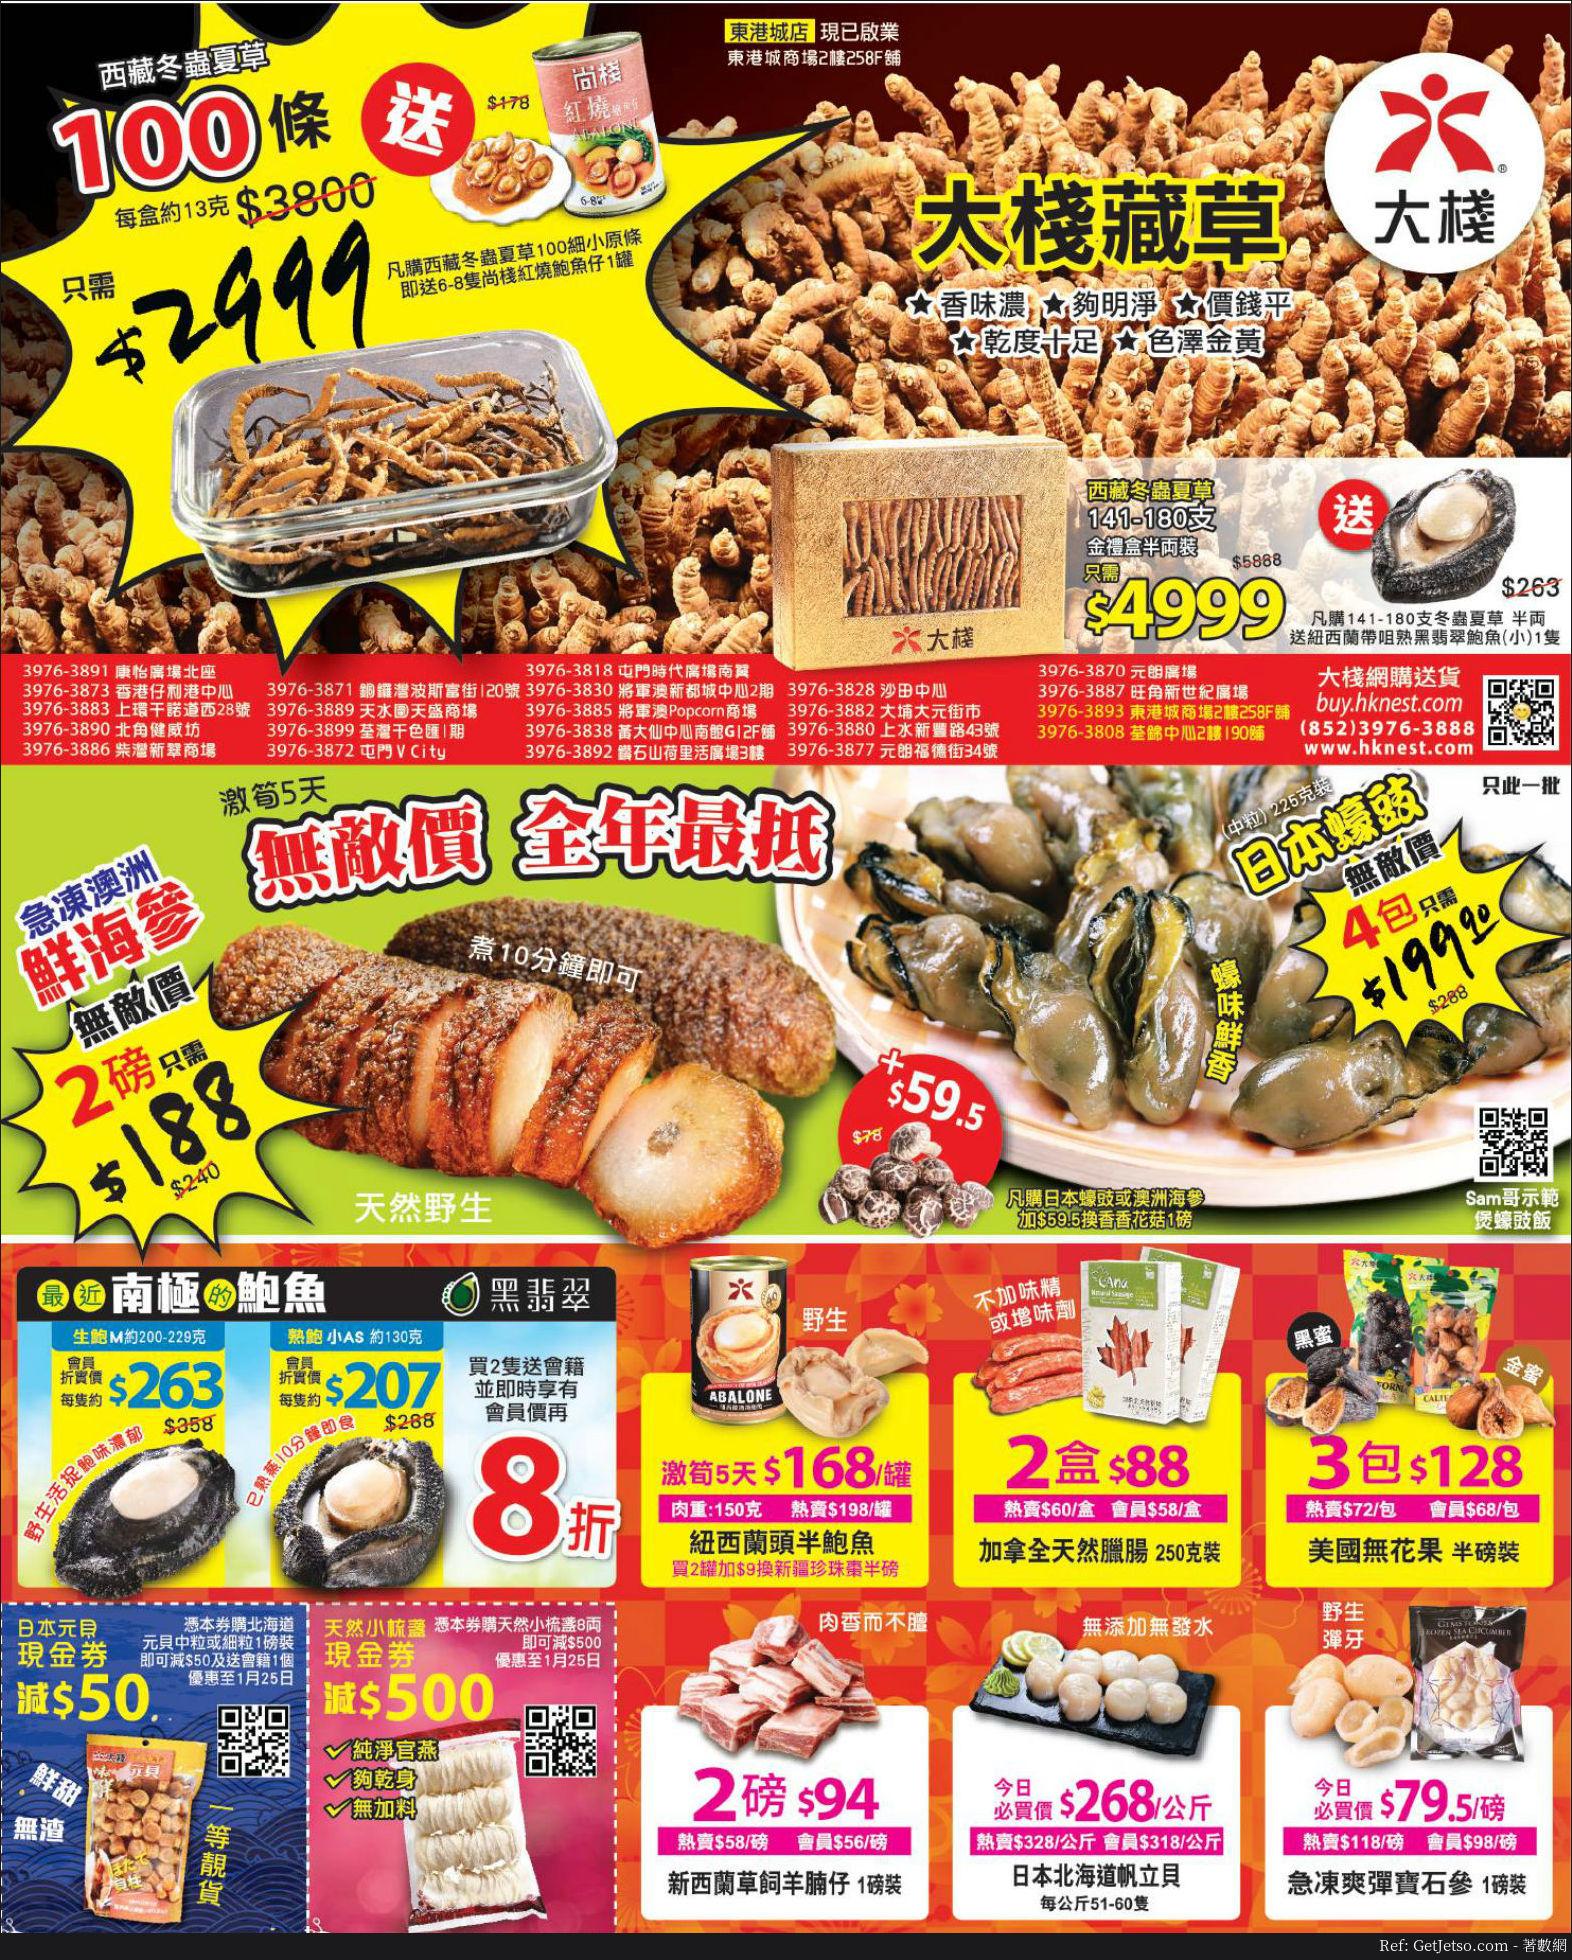 各大超級市場/便利店每日最新優惠(1月20日更新)